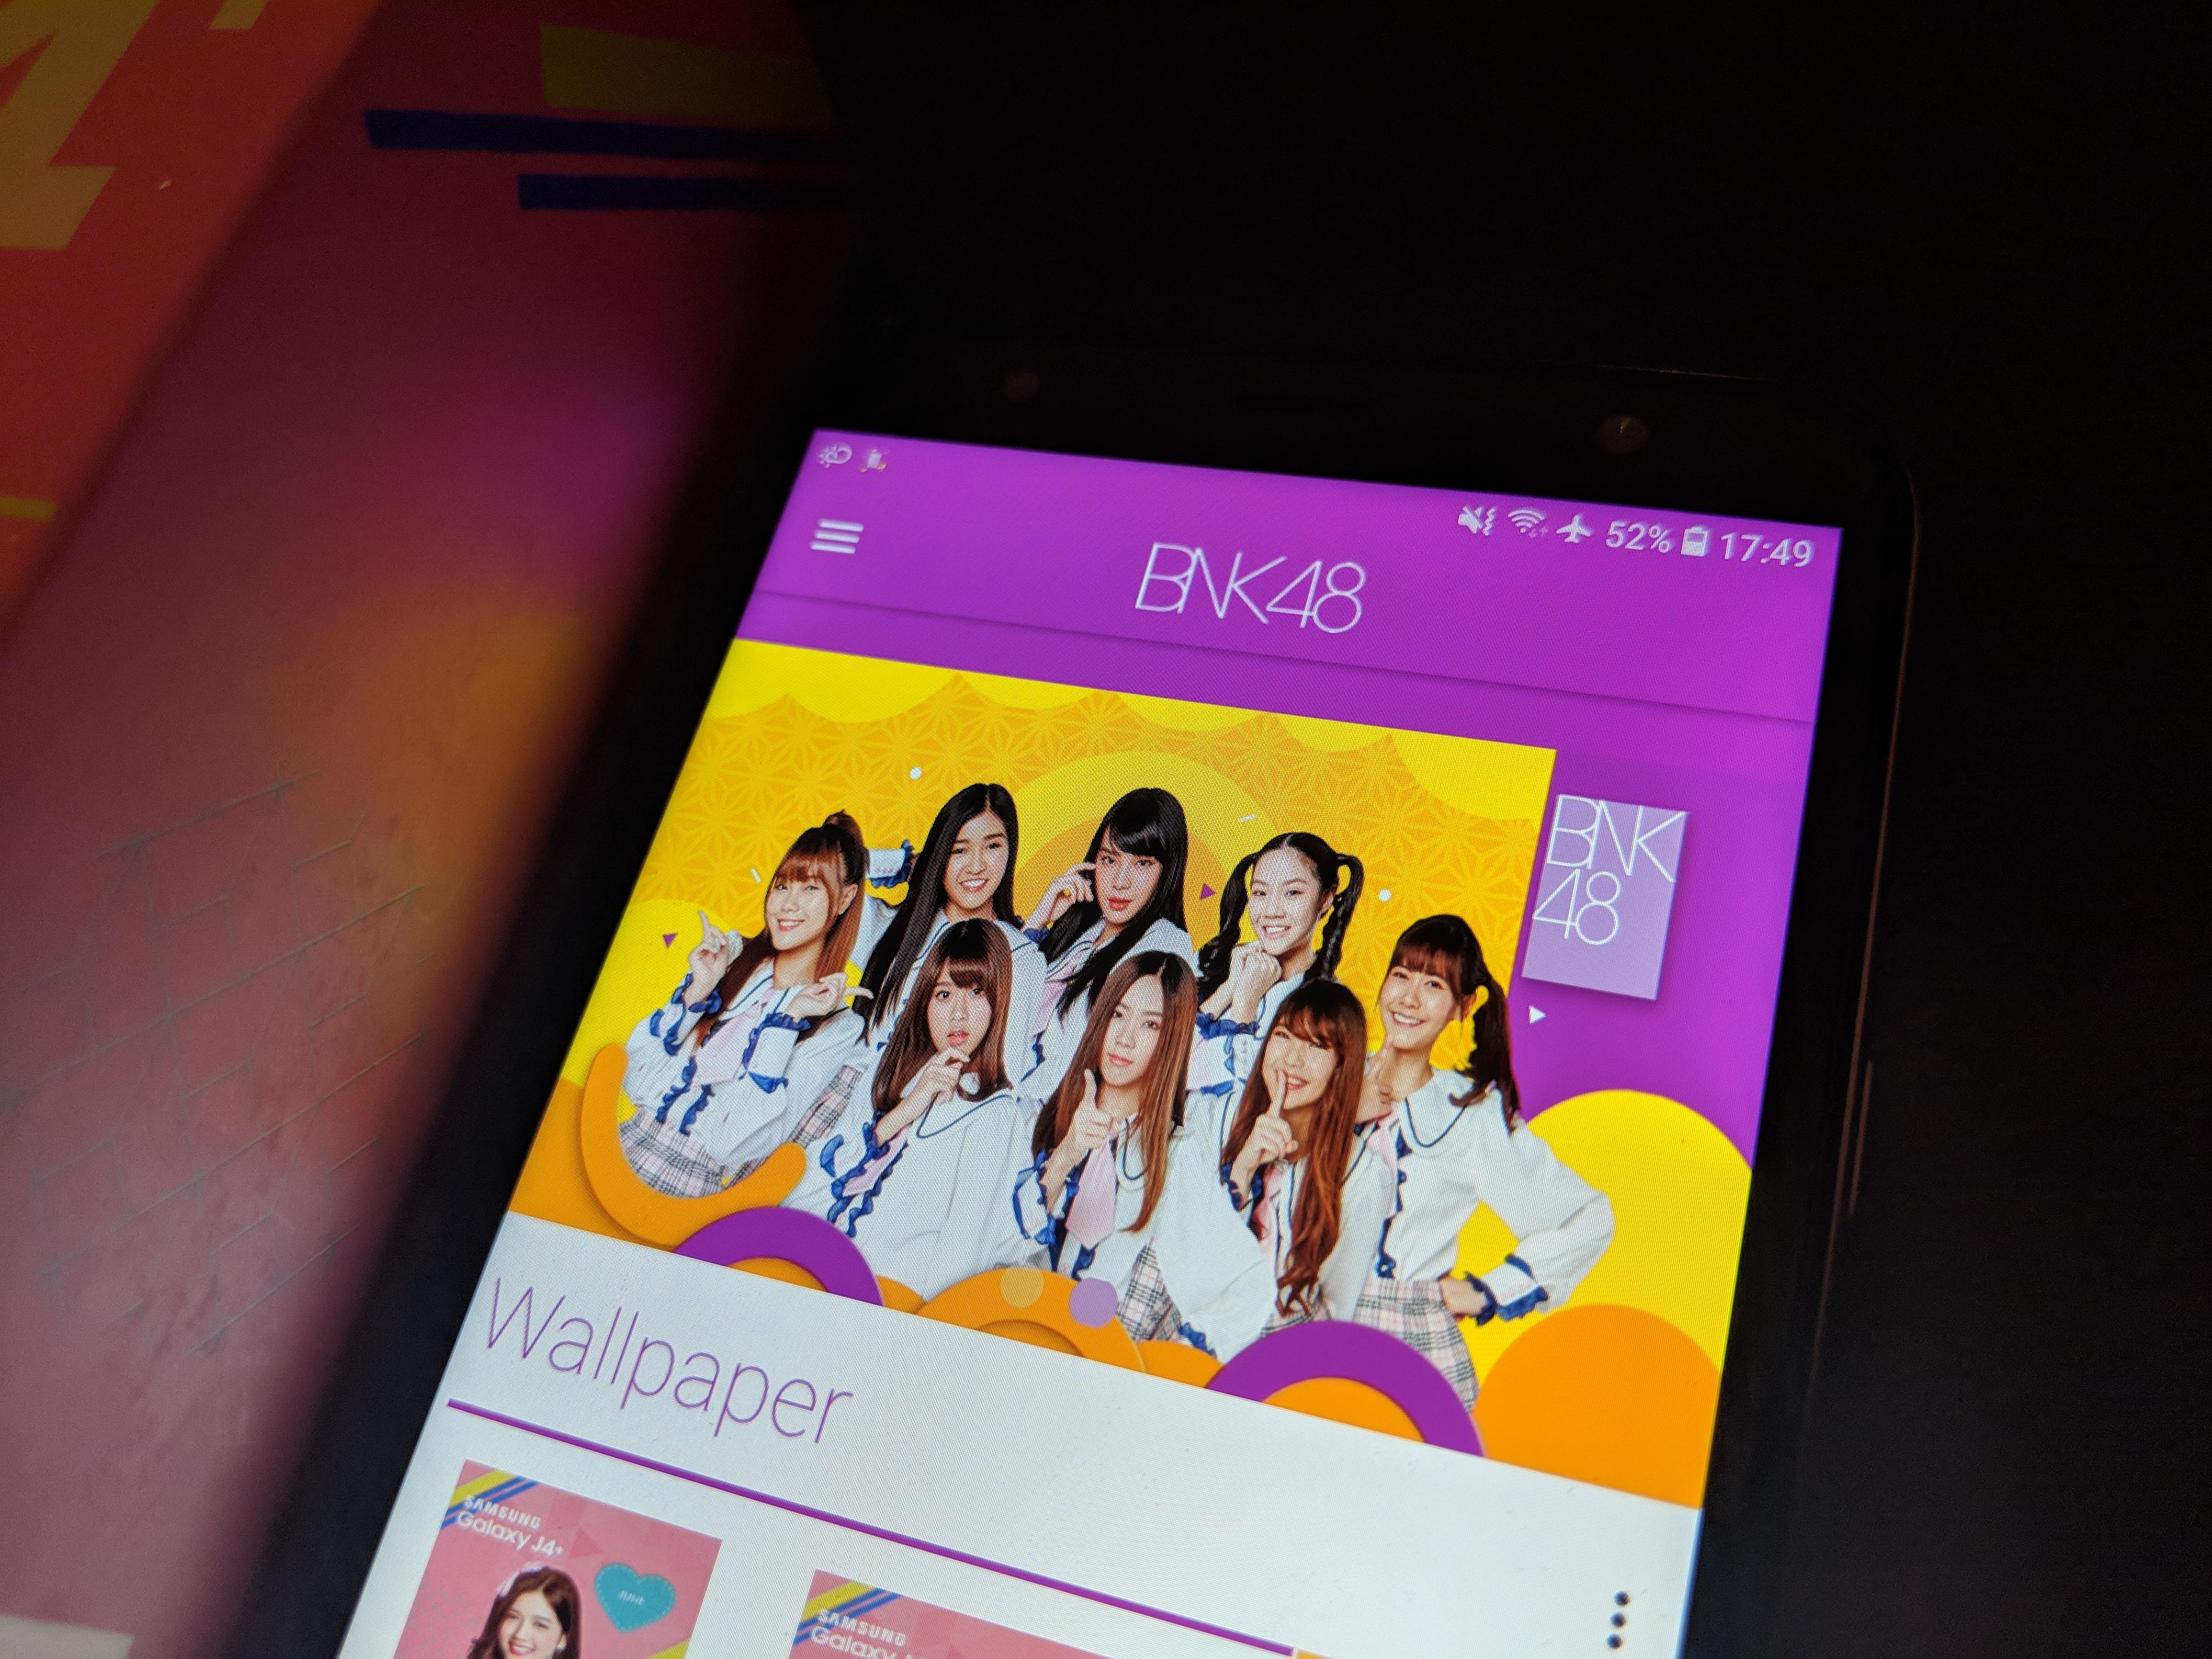 รีวิว Samsung Galaxy J4+ ไอดอลสมาร์ทโฟนน้องเล็ก จอใหญ่ ราคาน่ารัก